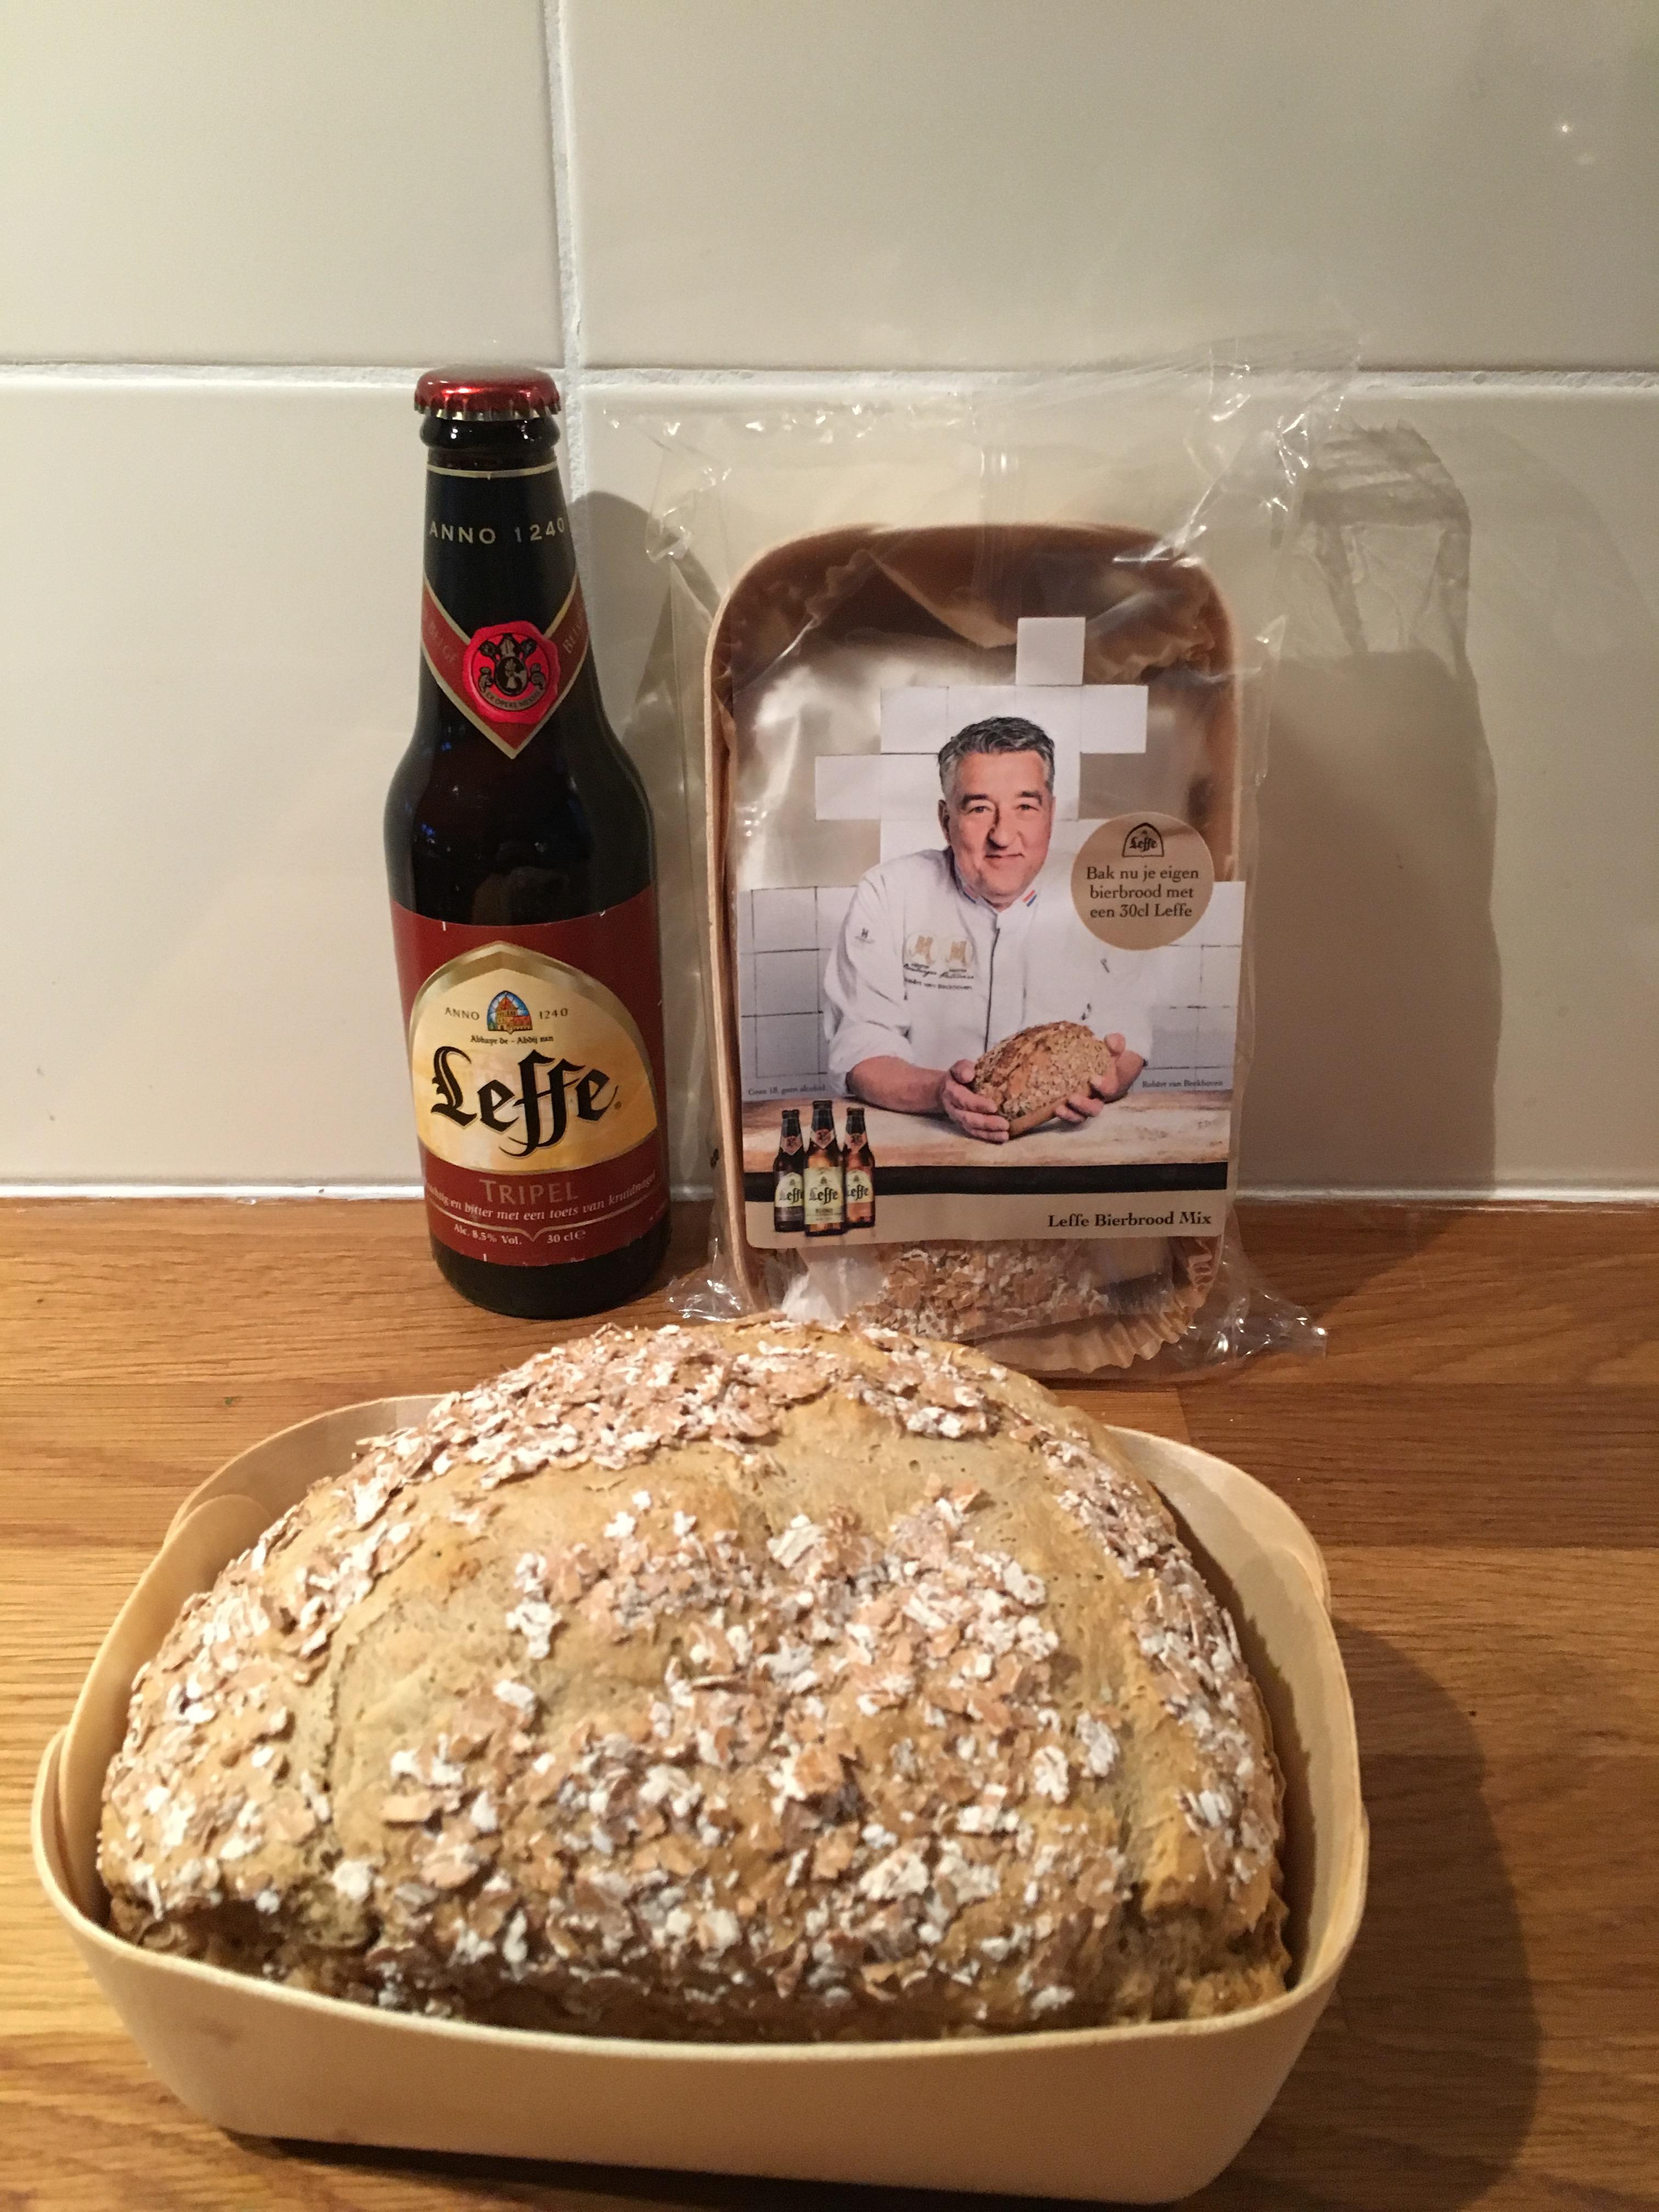 Gratis Leffe bierbrood bij aankoop van 1 flesje Leffe @ Deka